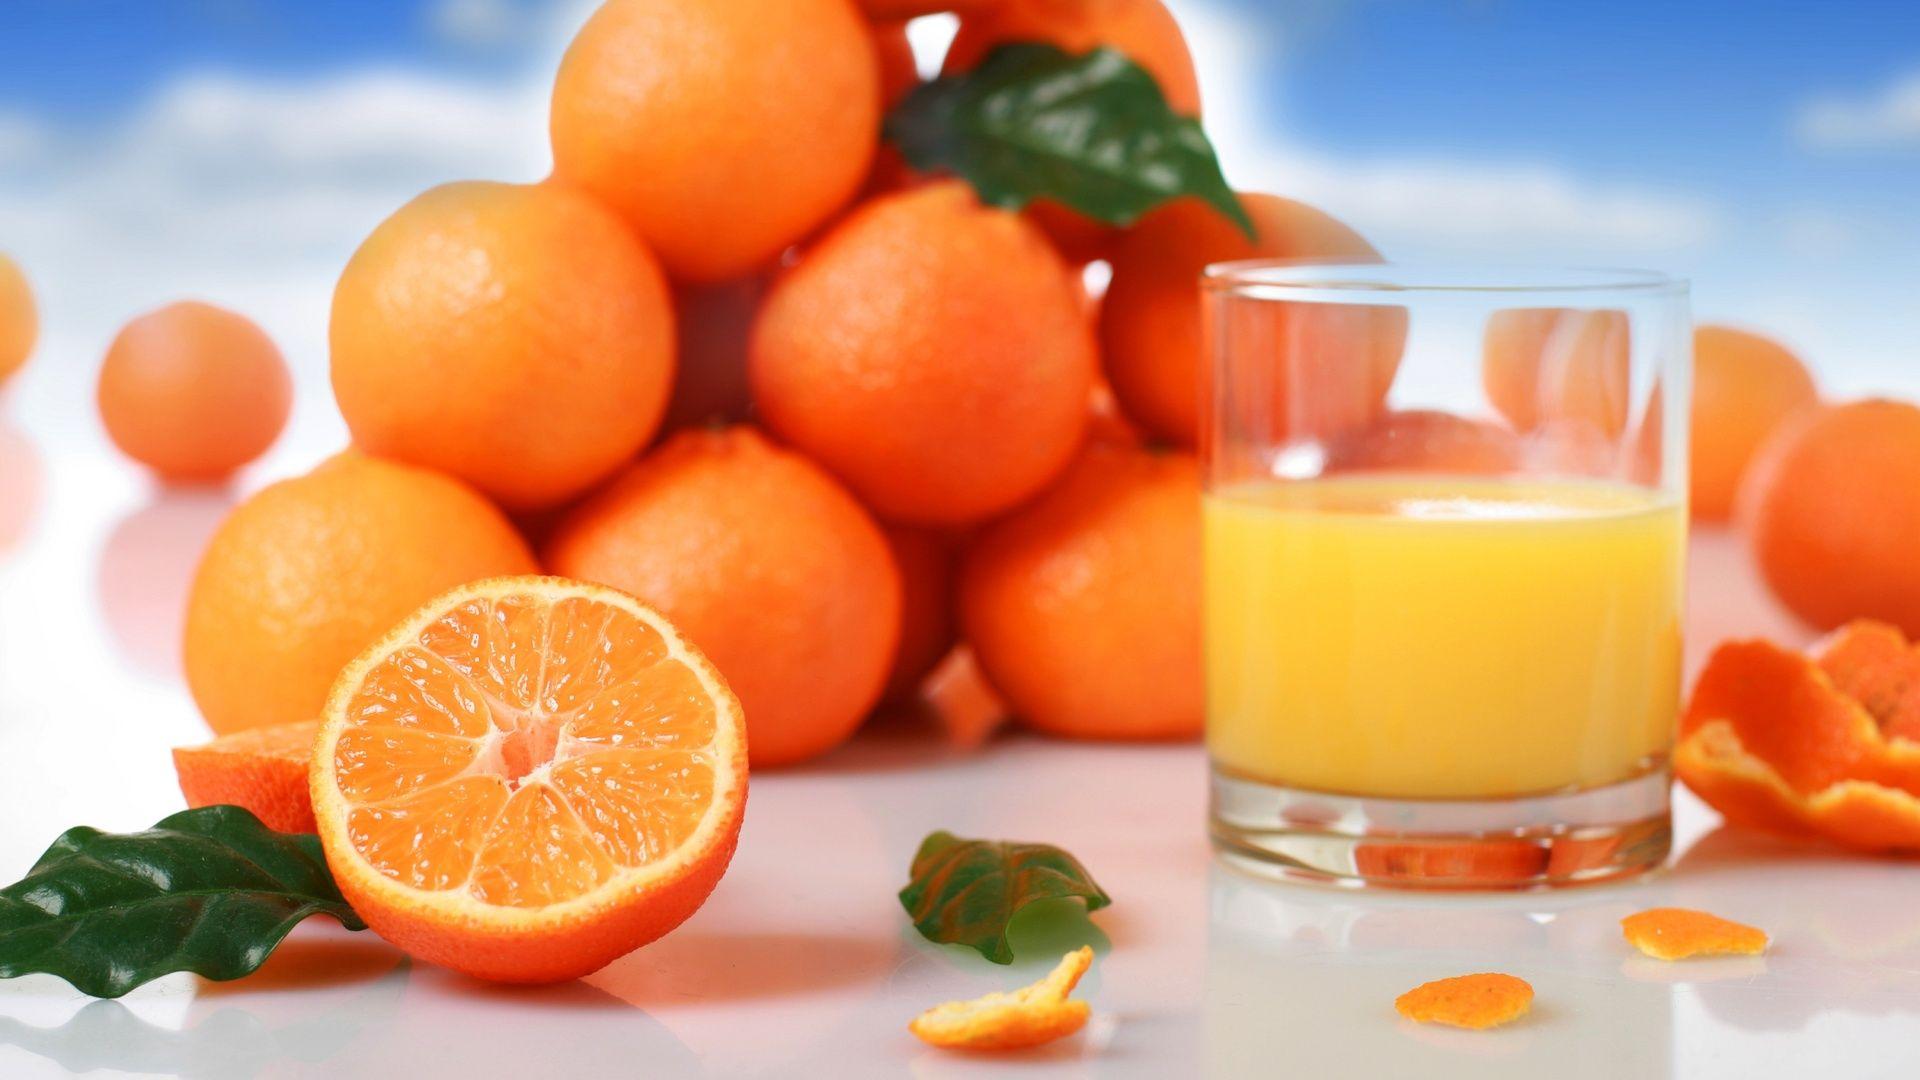 Or orange fruit hd wallpaper - Orange Fruit Desktop Hd Wallpapers Find Best Latest Orange Fruit Desktop Hd Wallpapers In Hd